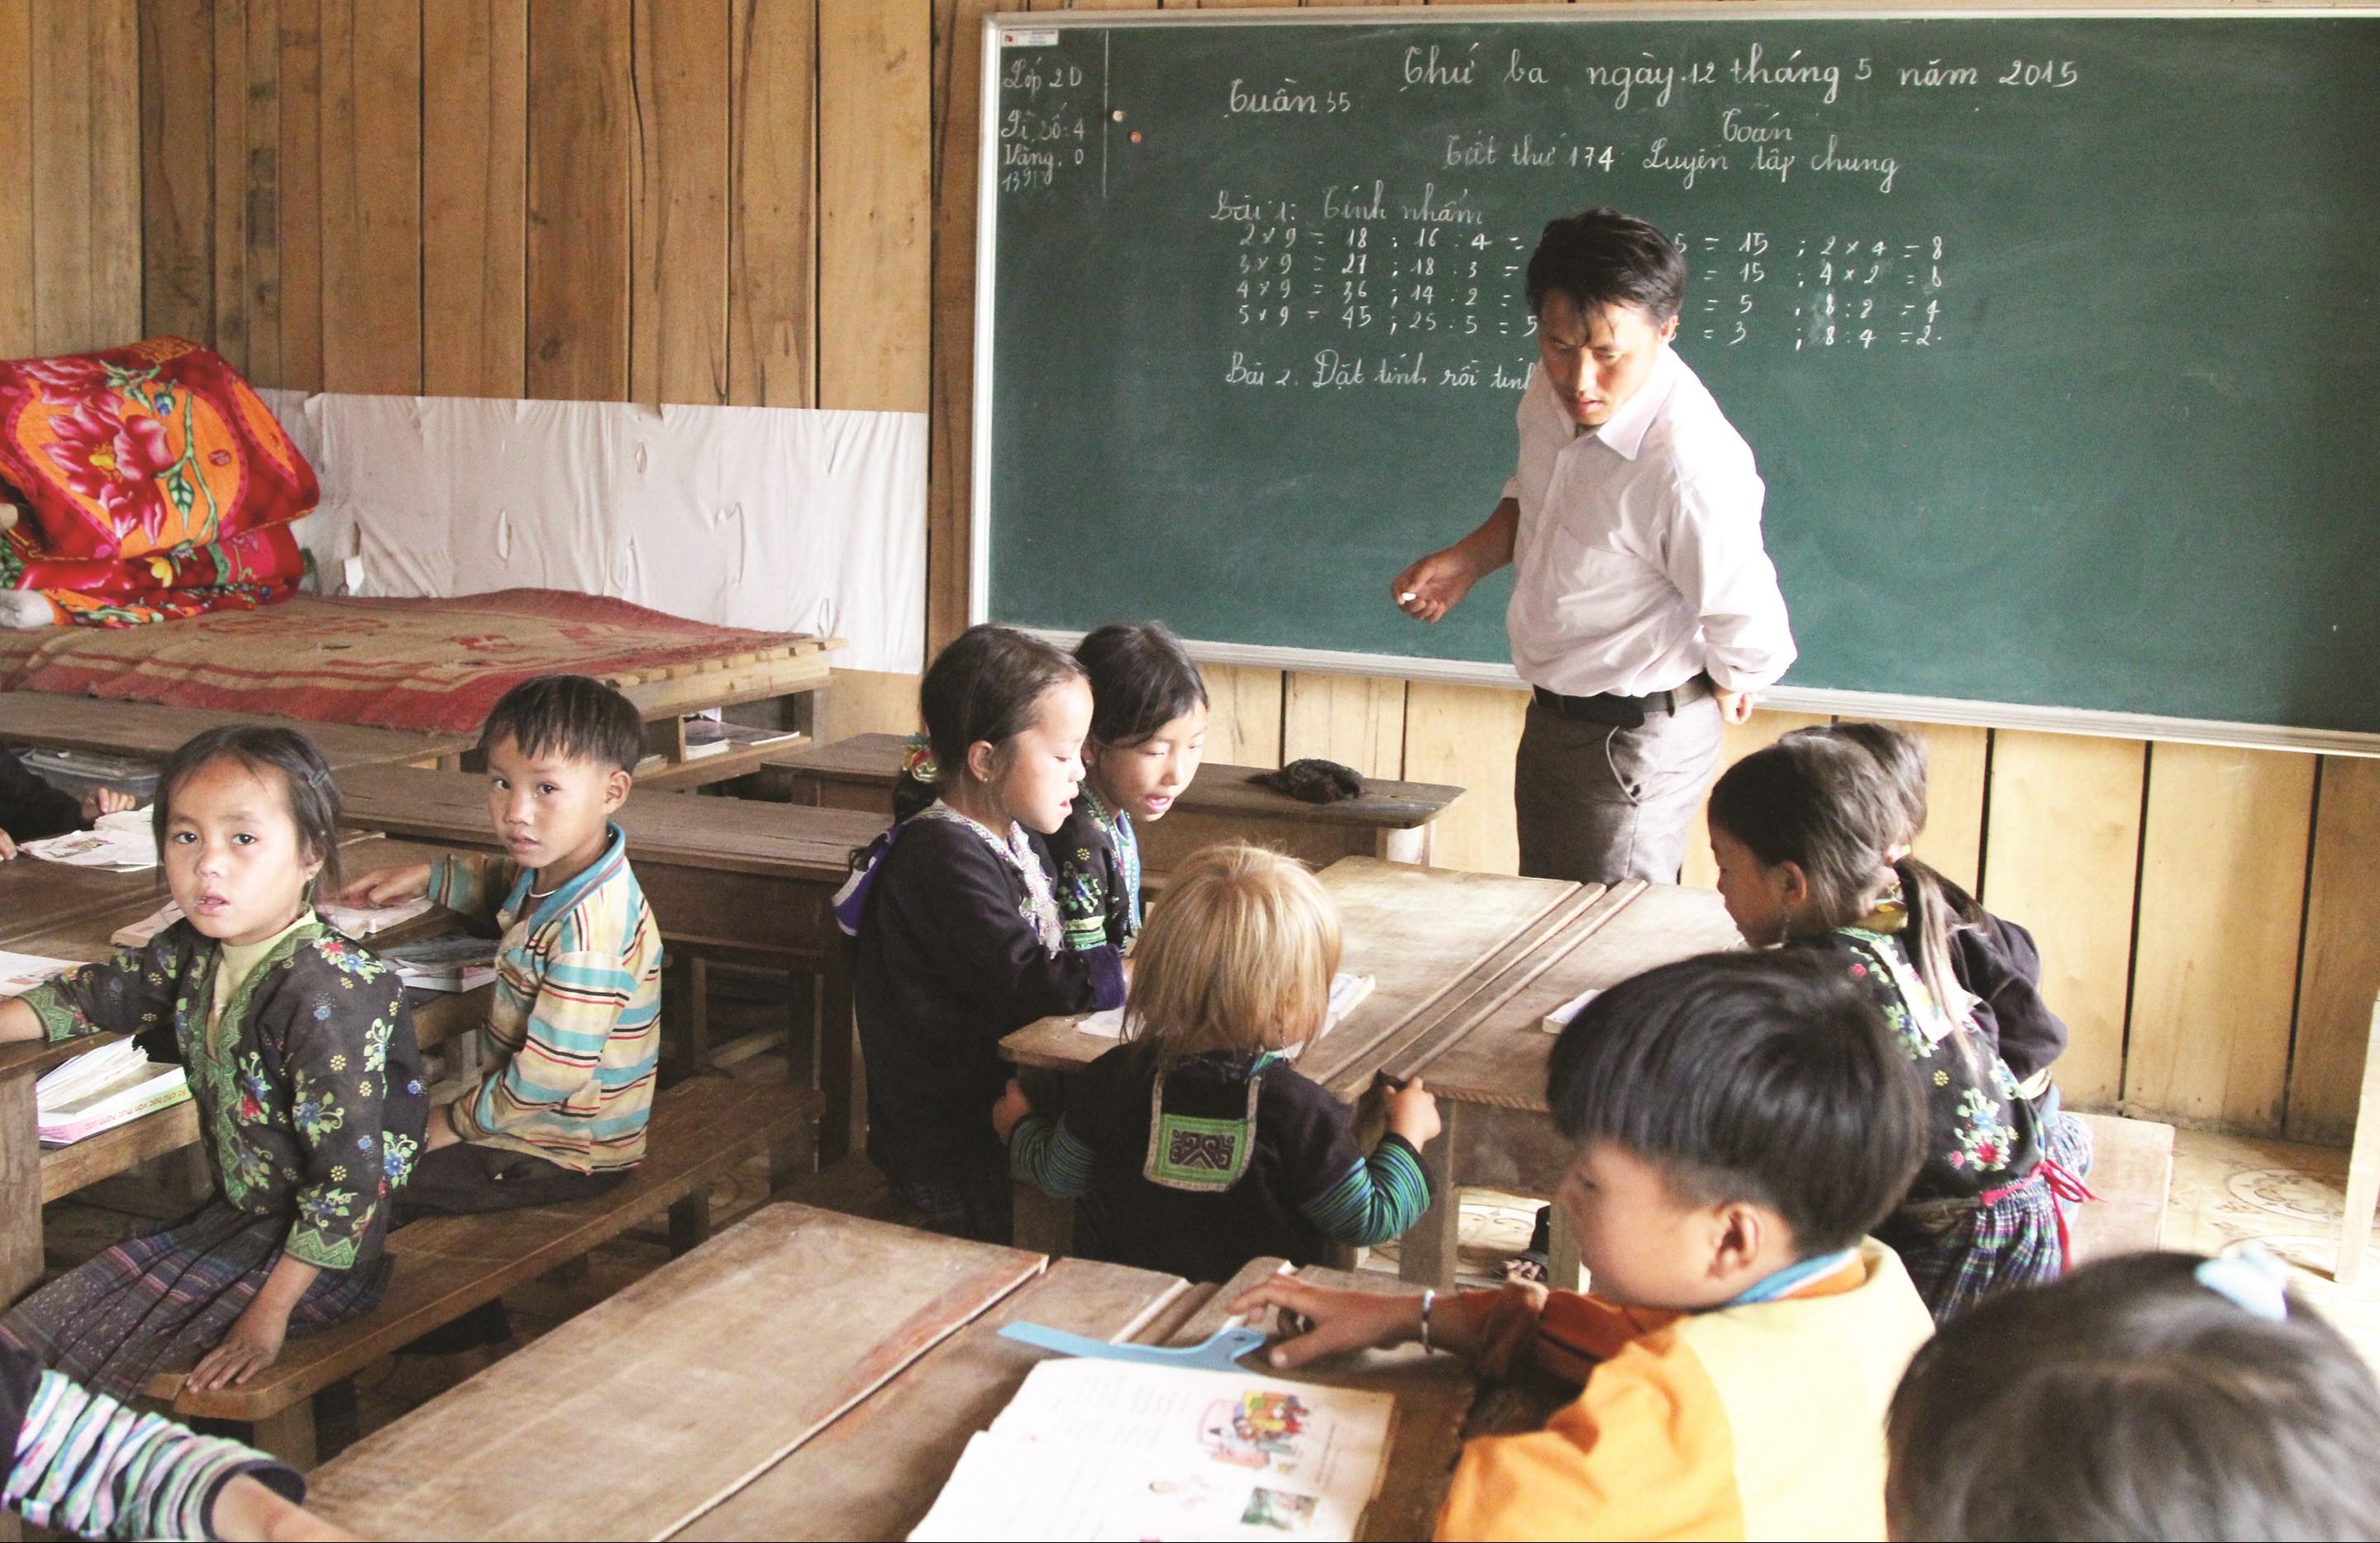 Giáo dục vùng cao Yên Bái còn nhiều khó khăn, cần được khuyến học